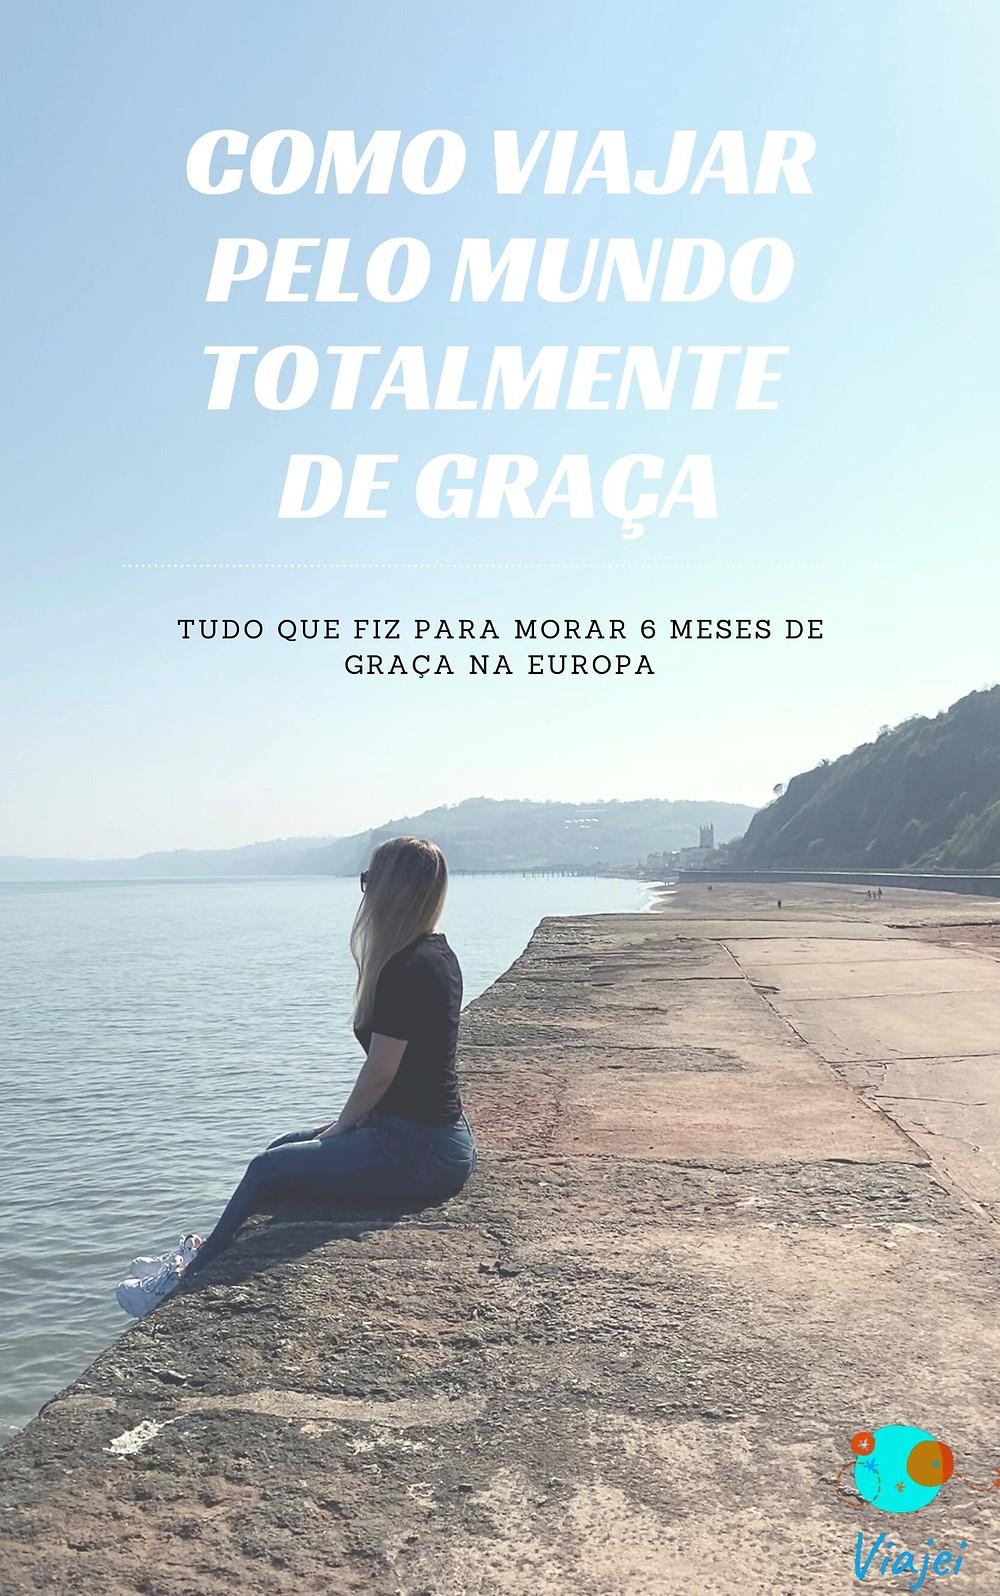 E-book COMO VIAJAR PELO MUNDO TOTALMENTE DE GRAÇA